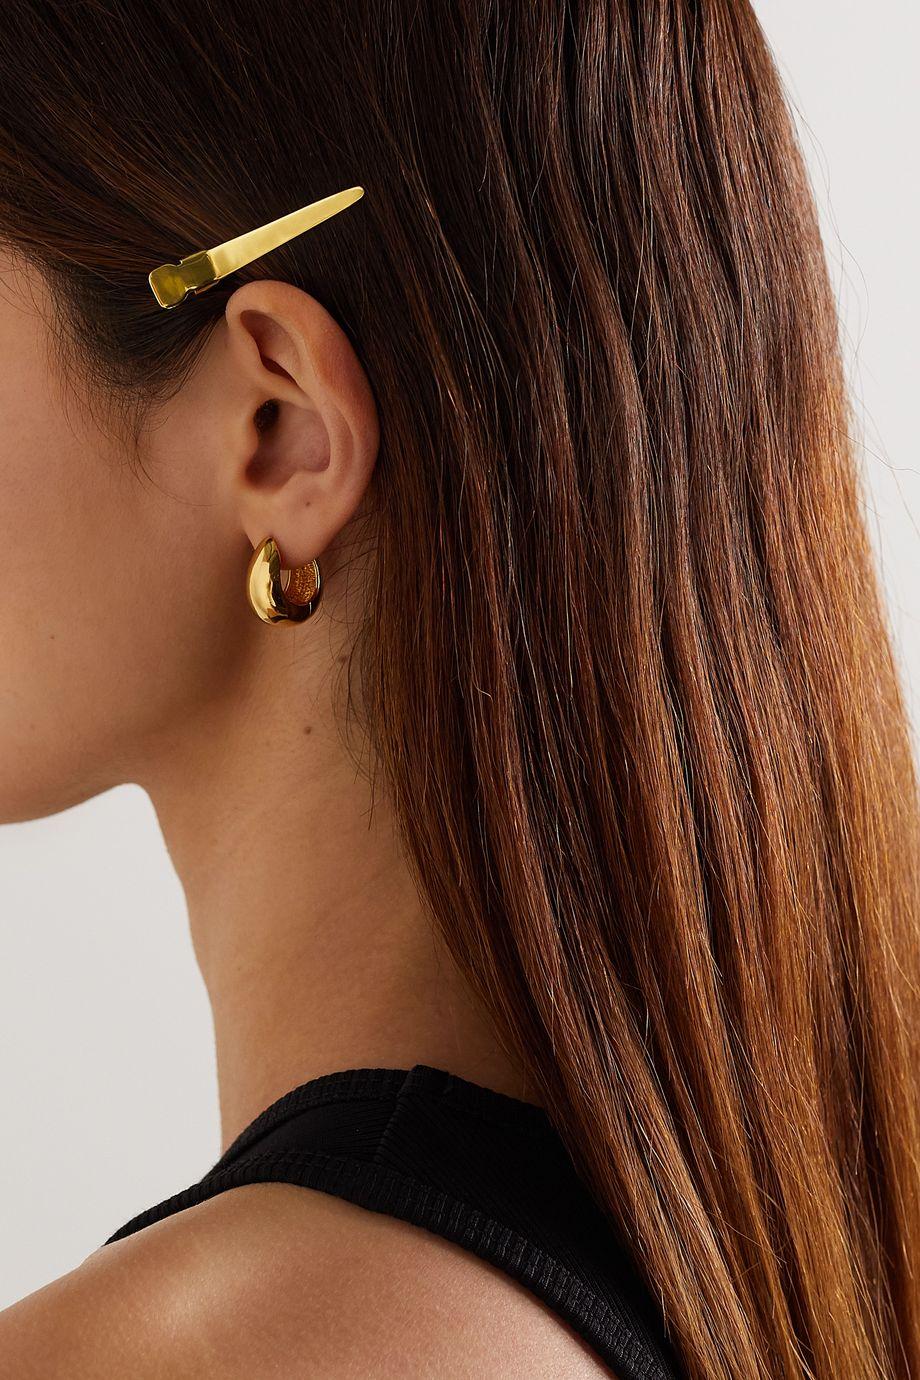 Grace Lee Gold hair clip